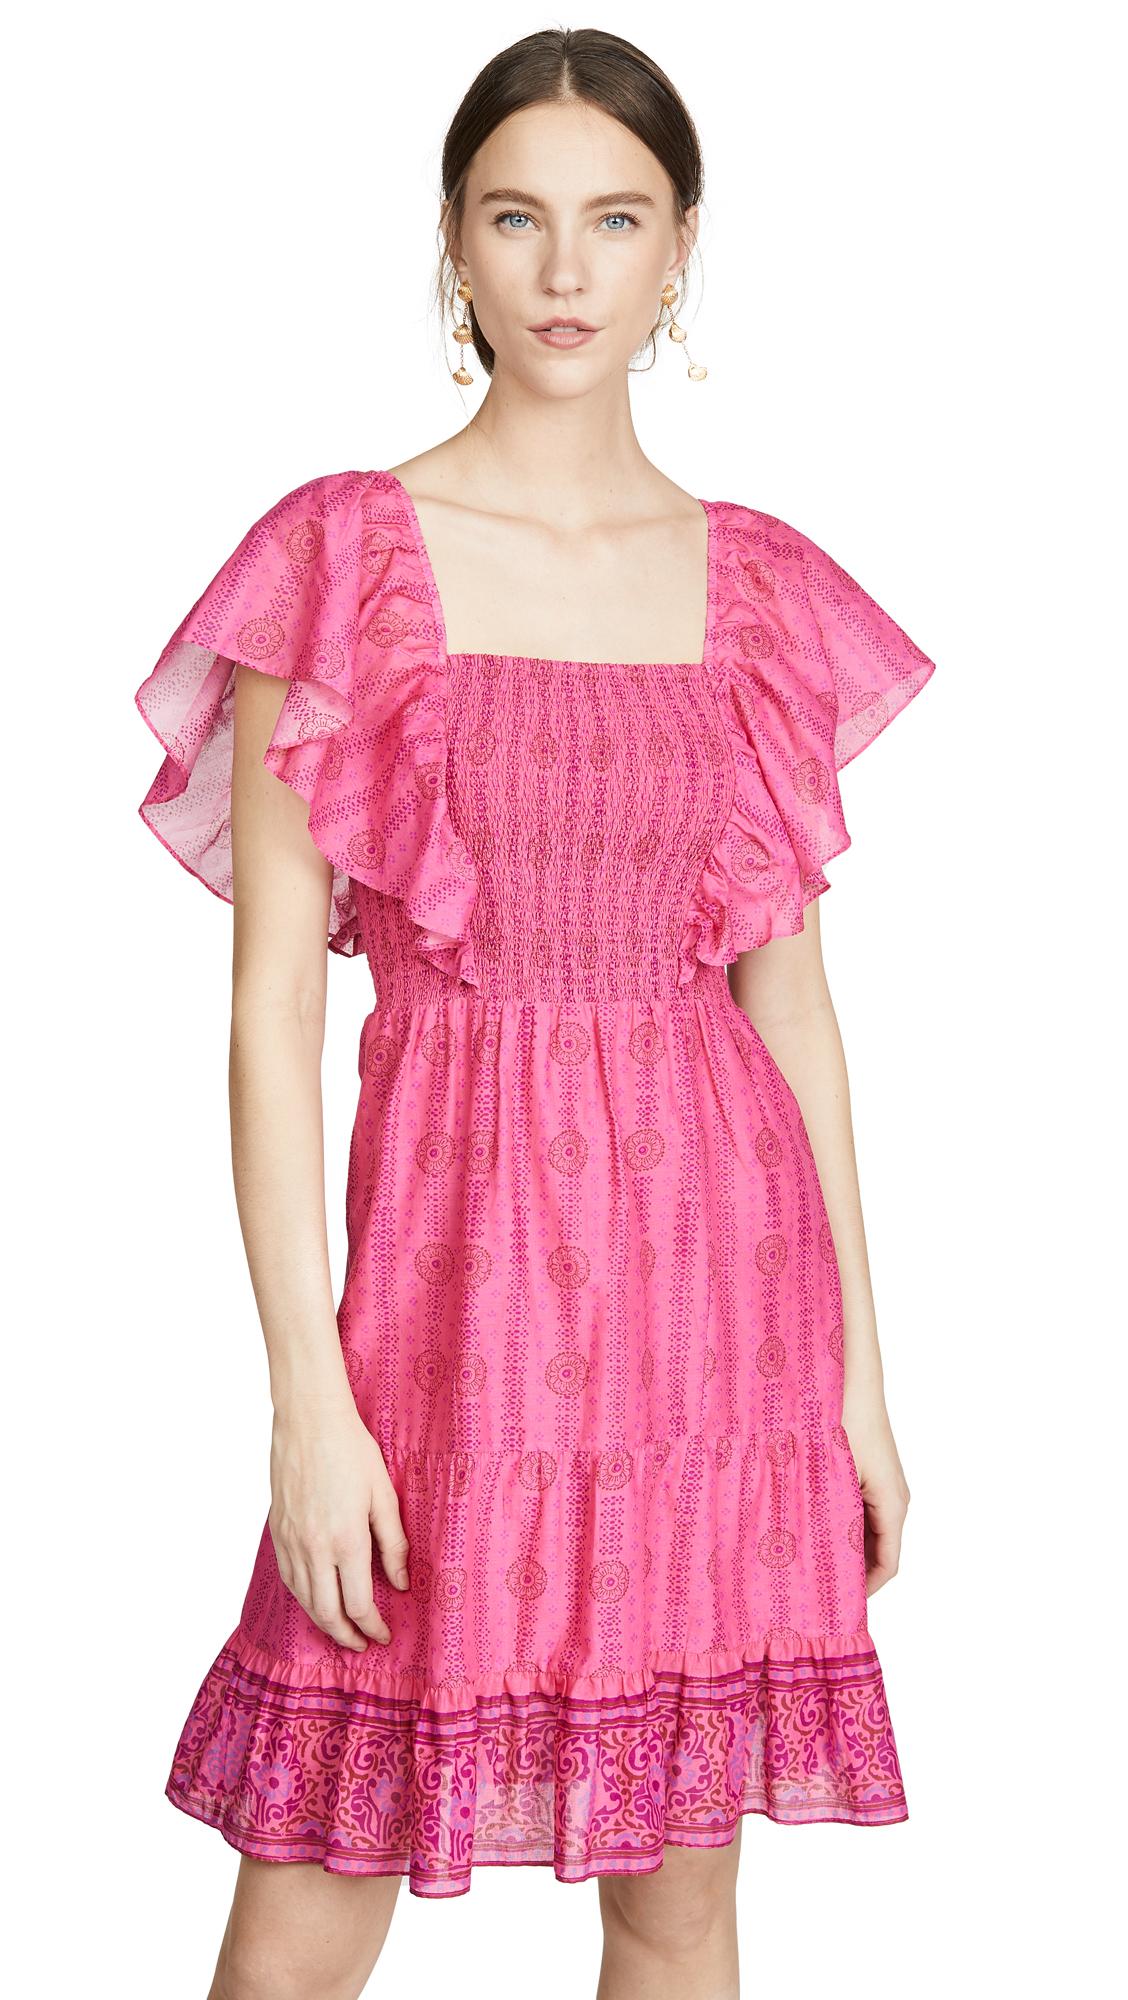 Figue Estella Dress - 50% Off Sale